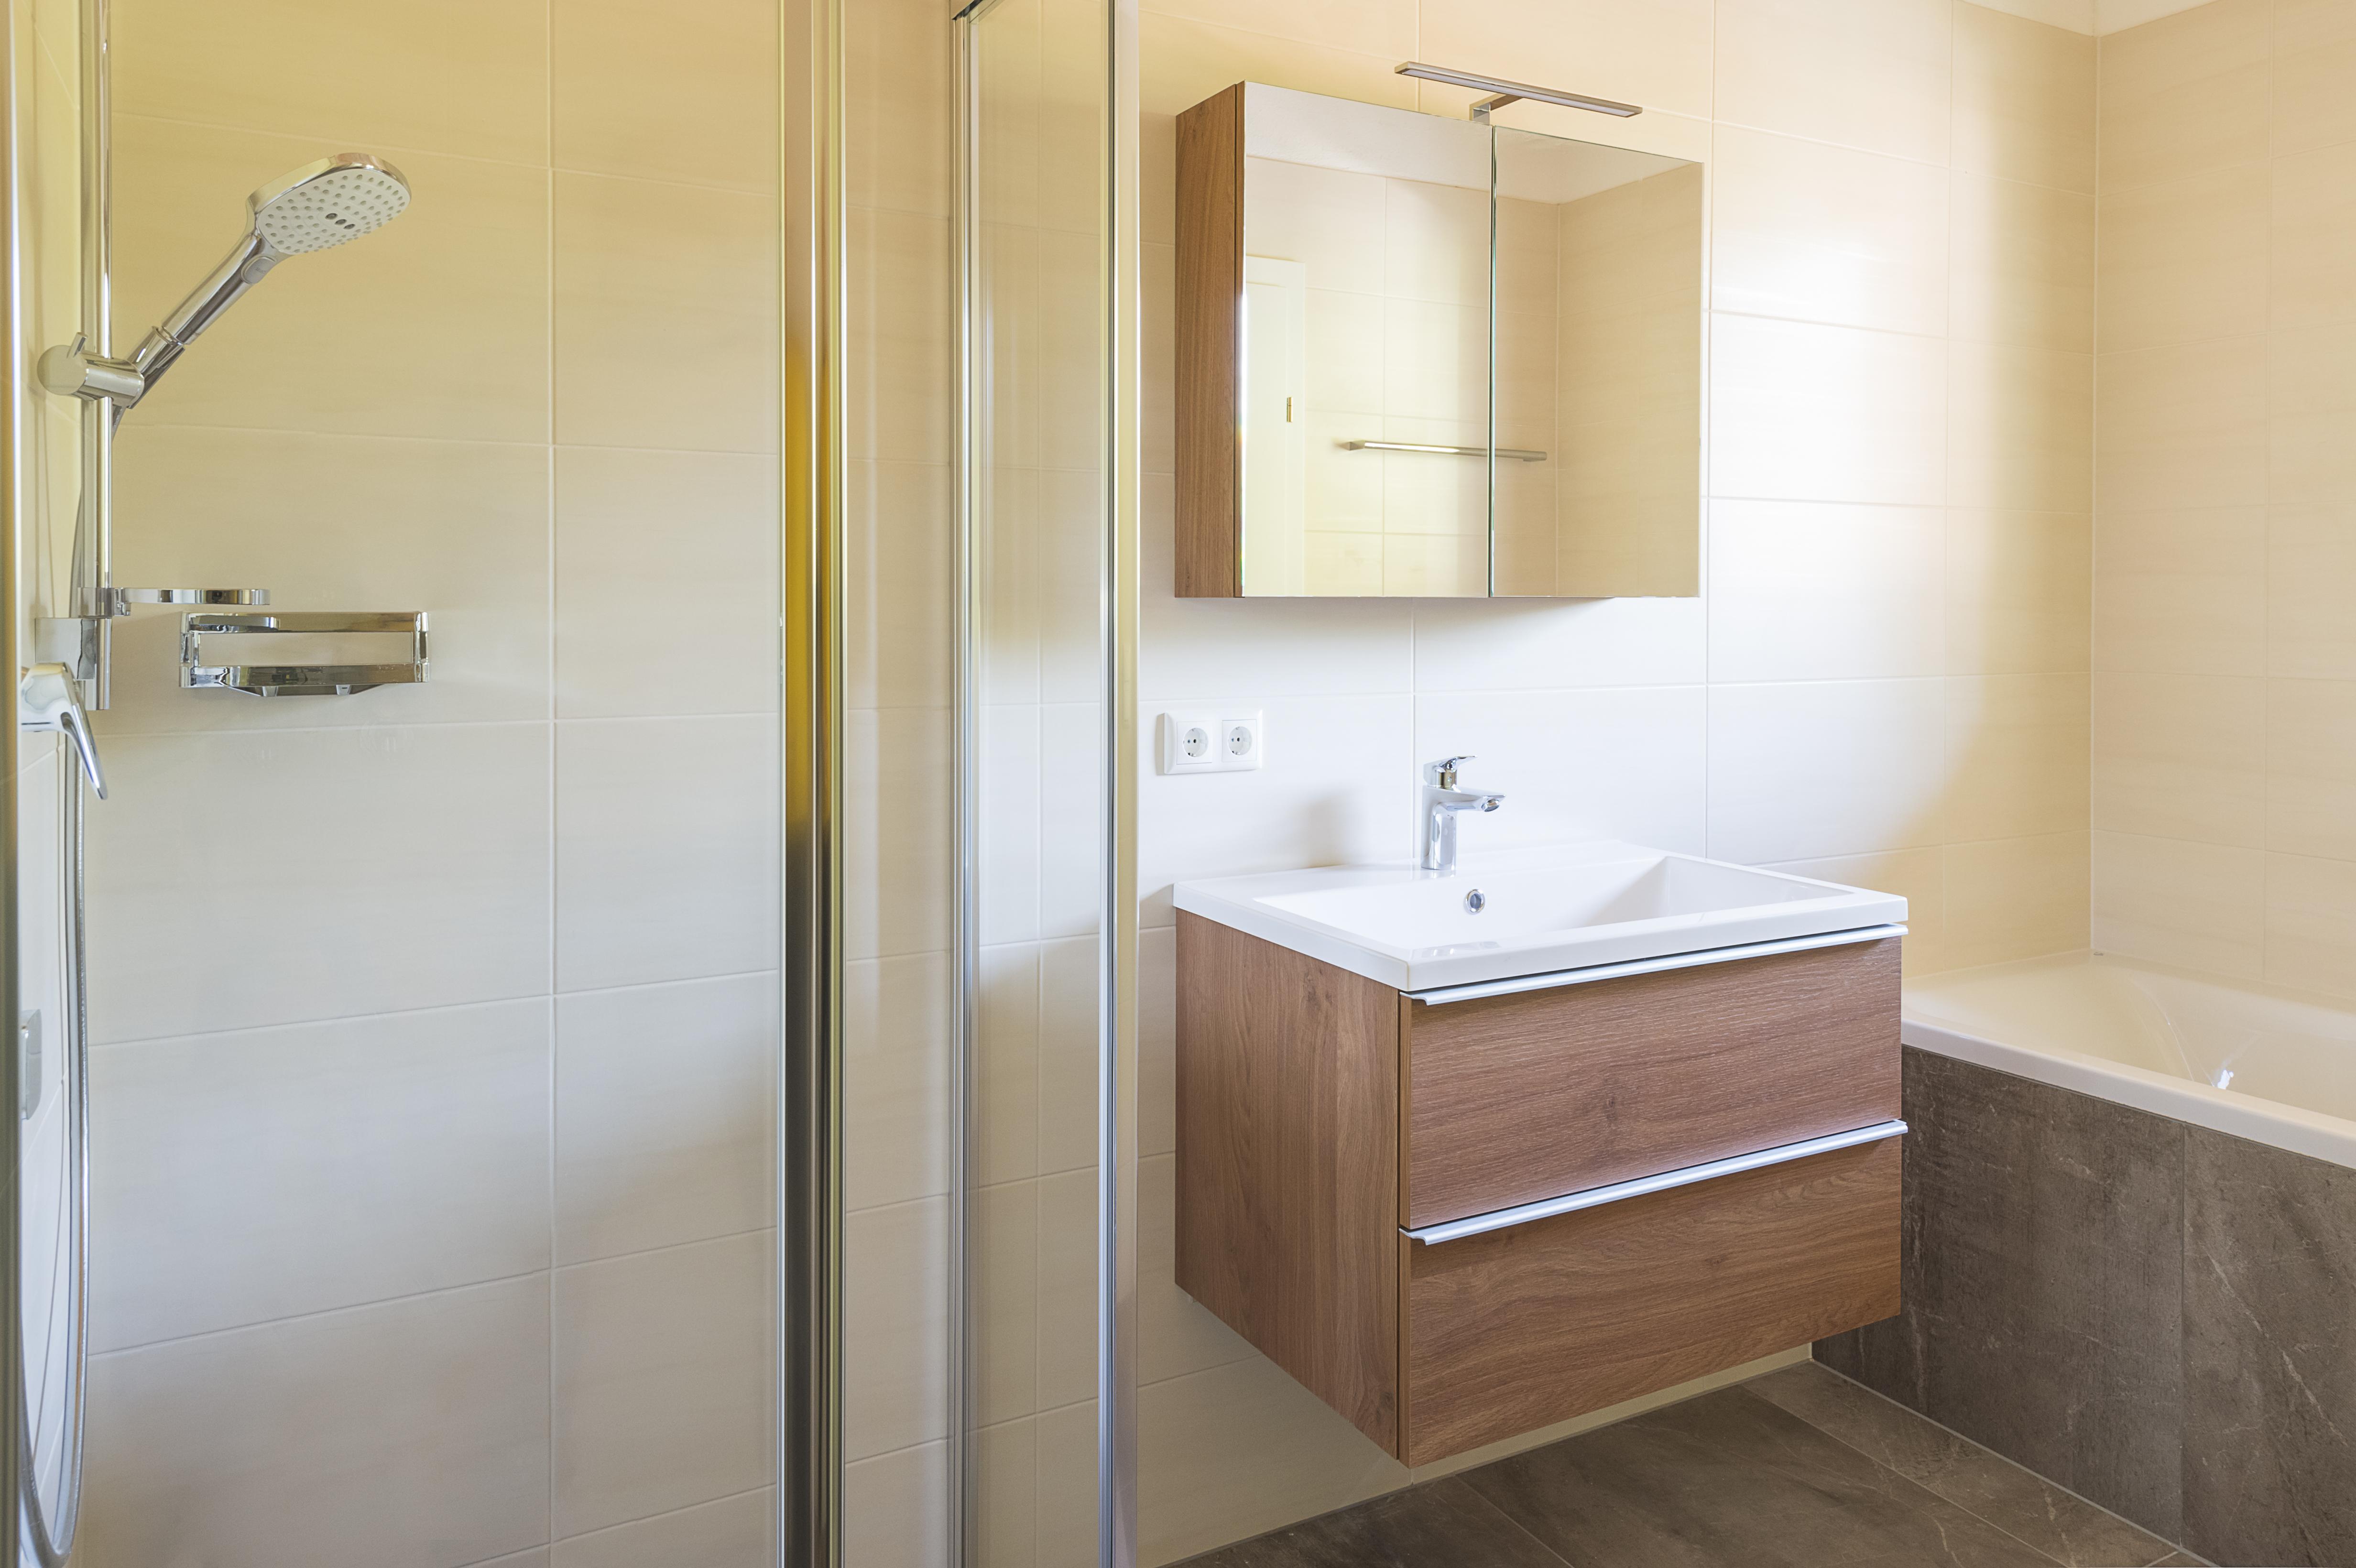 Foto Badezimmer Bauprojekt IMMKA IV - exemplarische Veranschaulichung der Ausführung